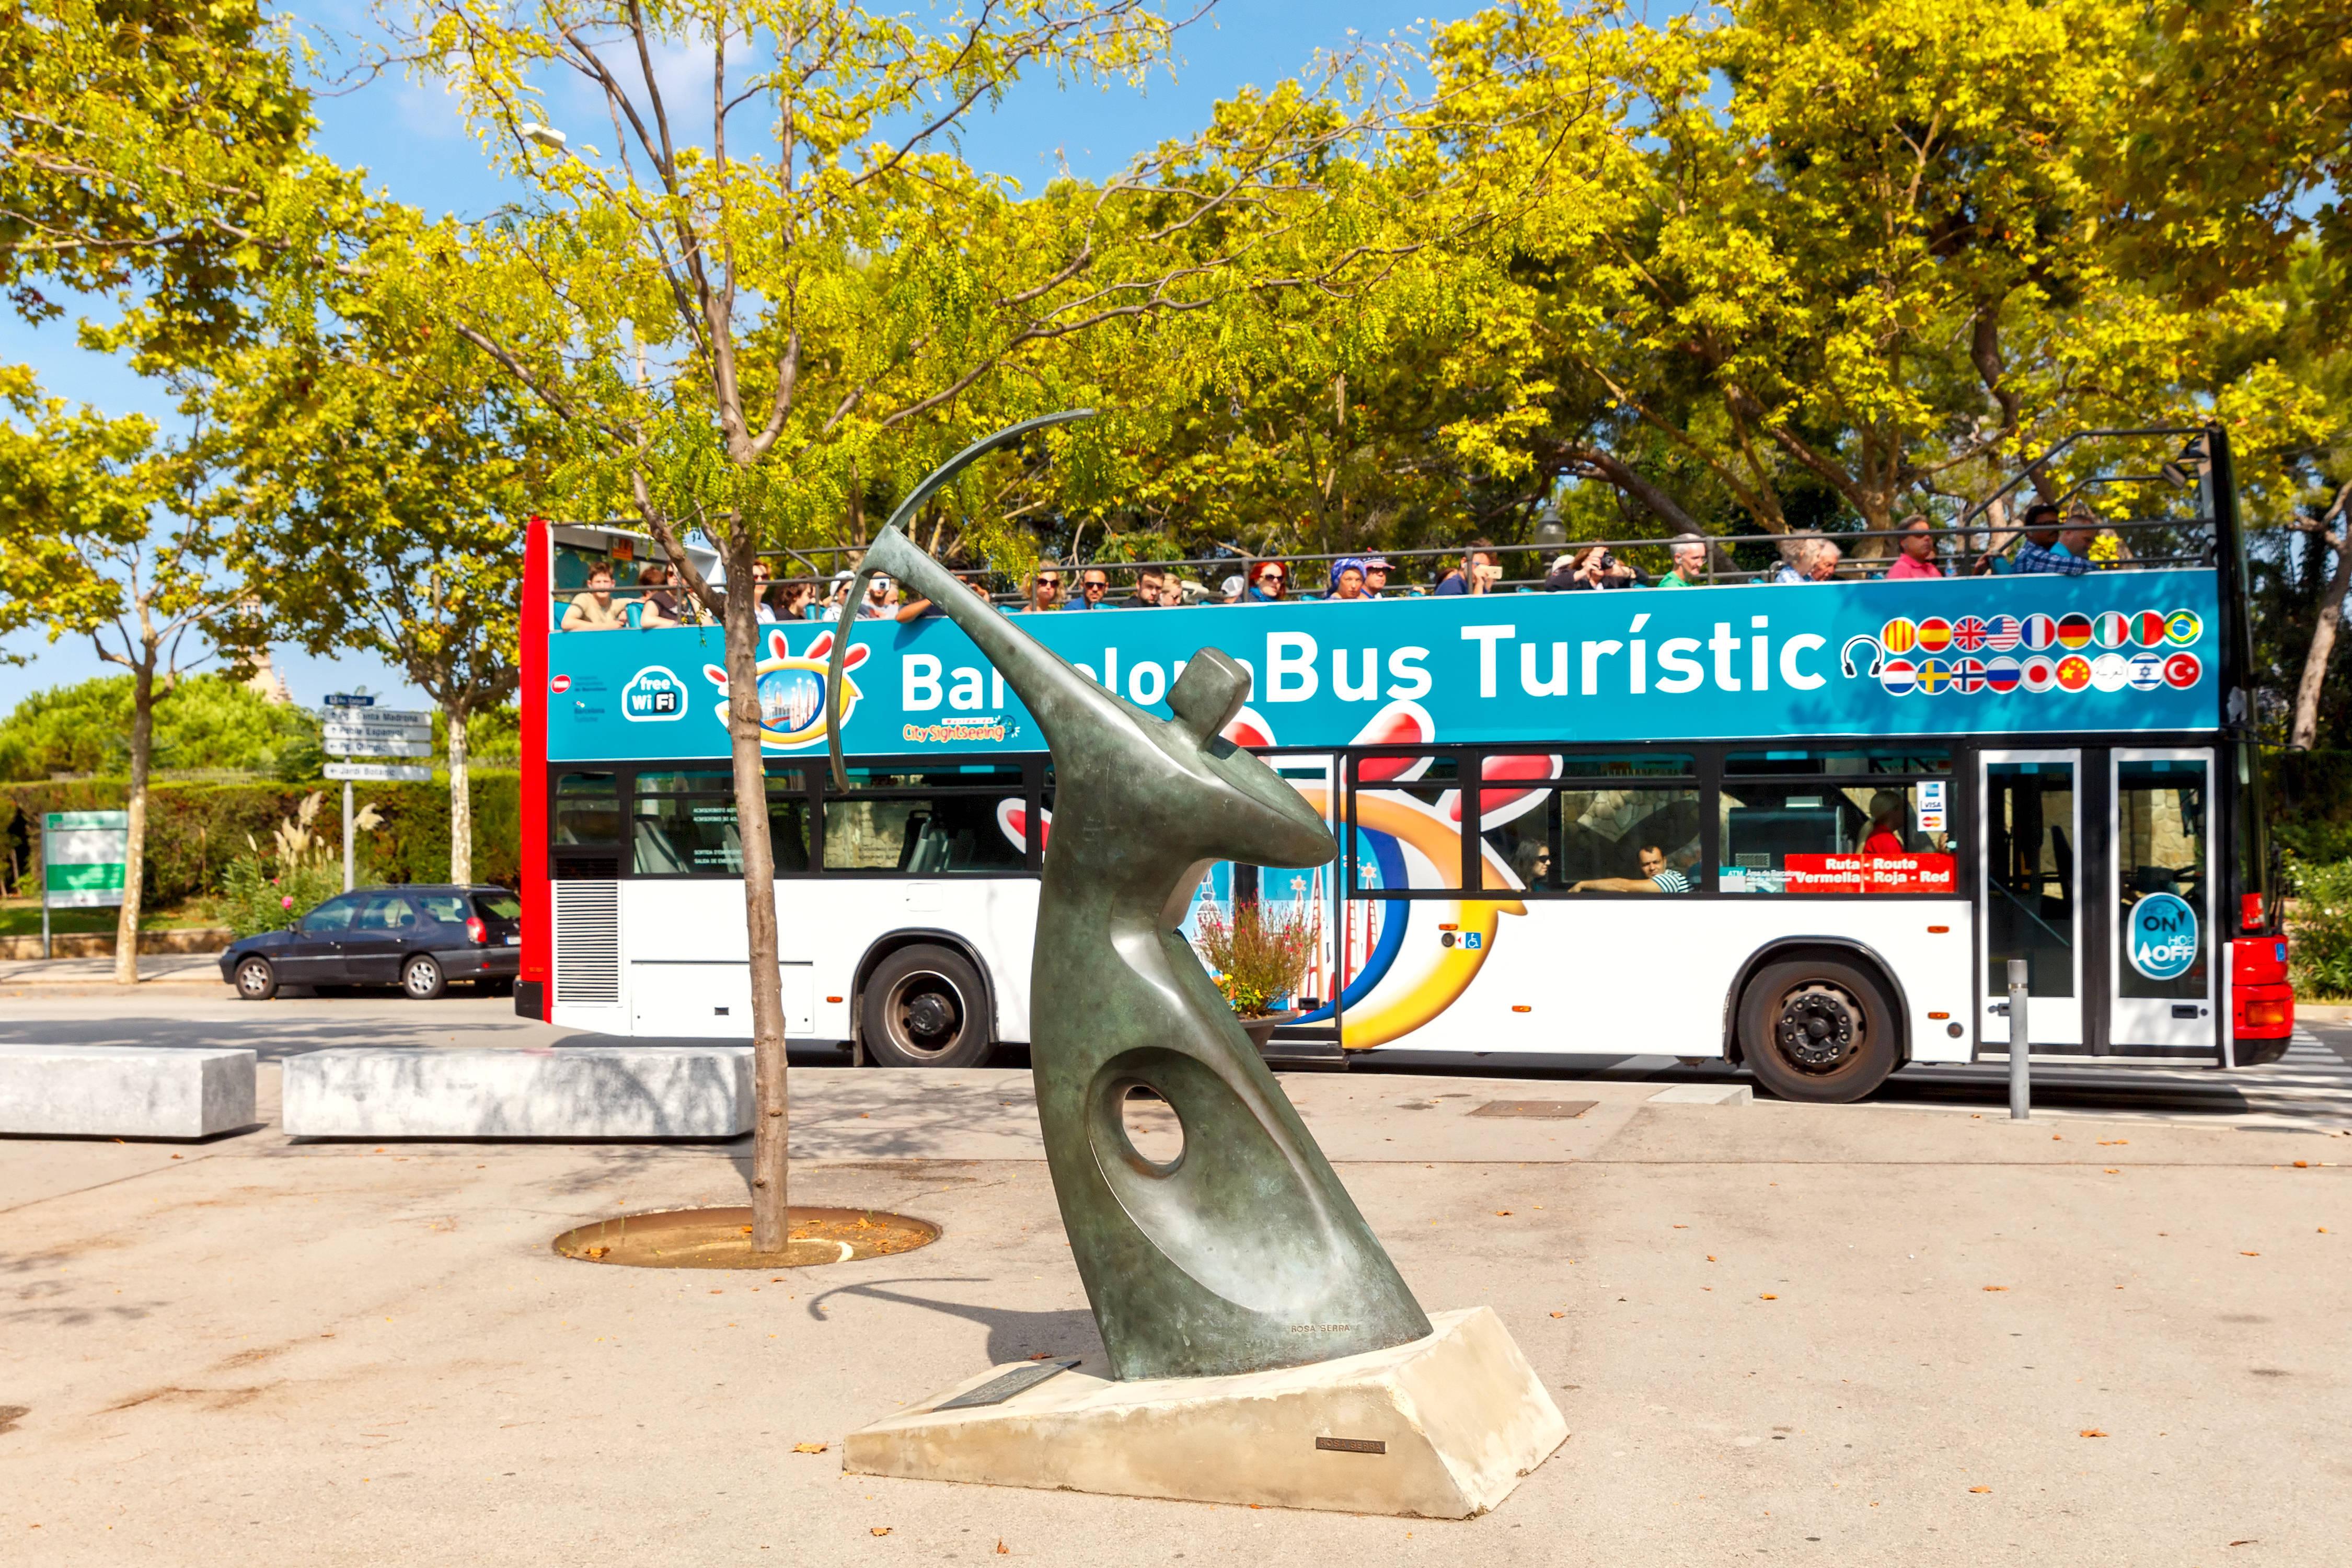 Barcelona comienza a perder turistas